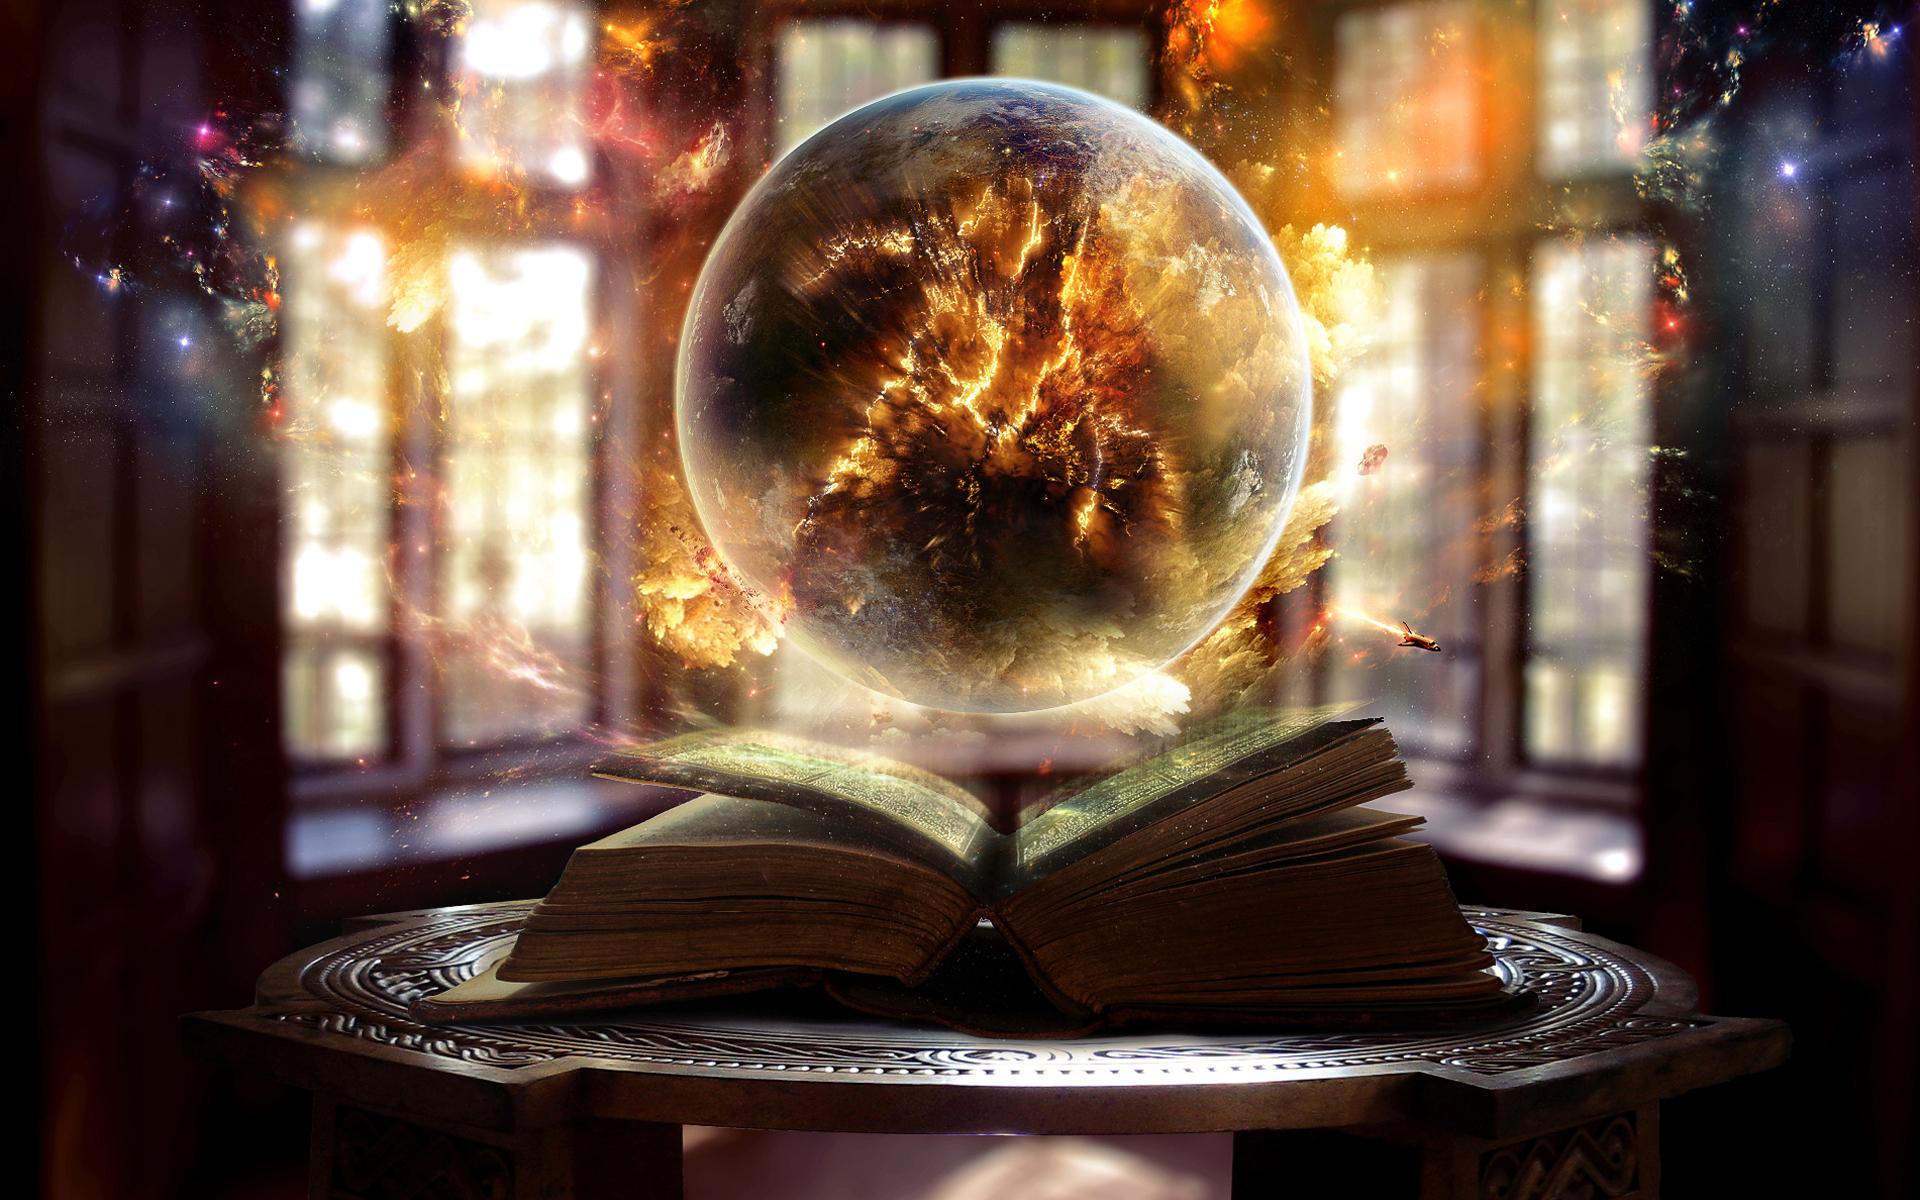 Книга магии и волшебства школа магии и волшебства смотреть непутевый ученик в школе магии все